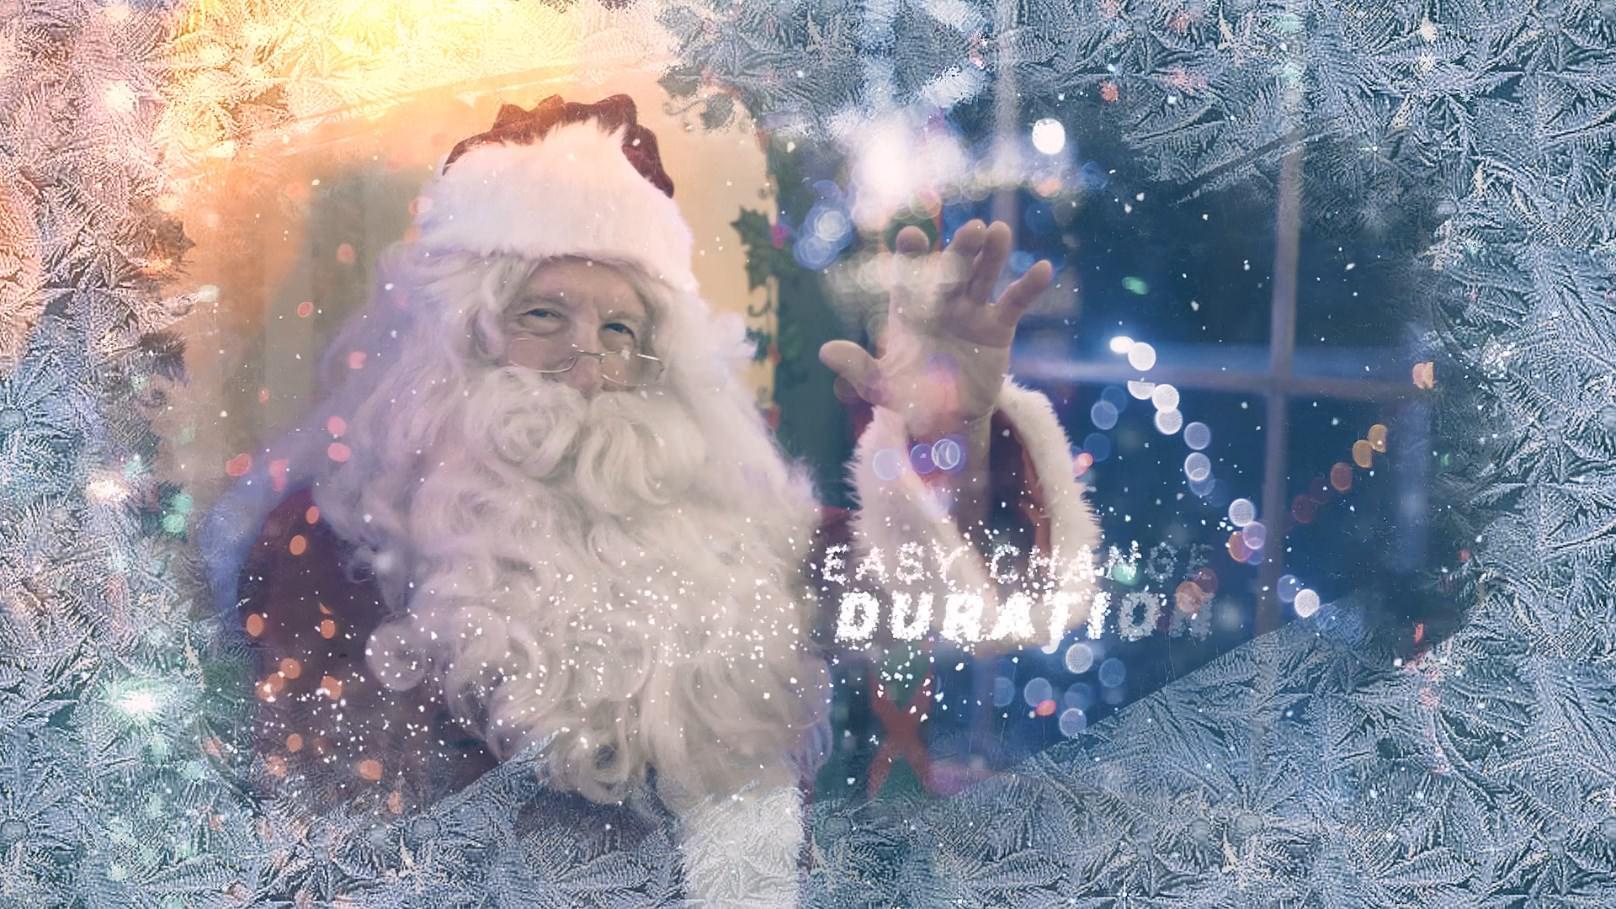 Christmas Slideshow - 7